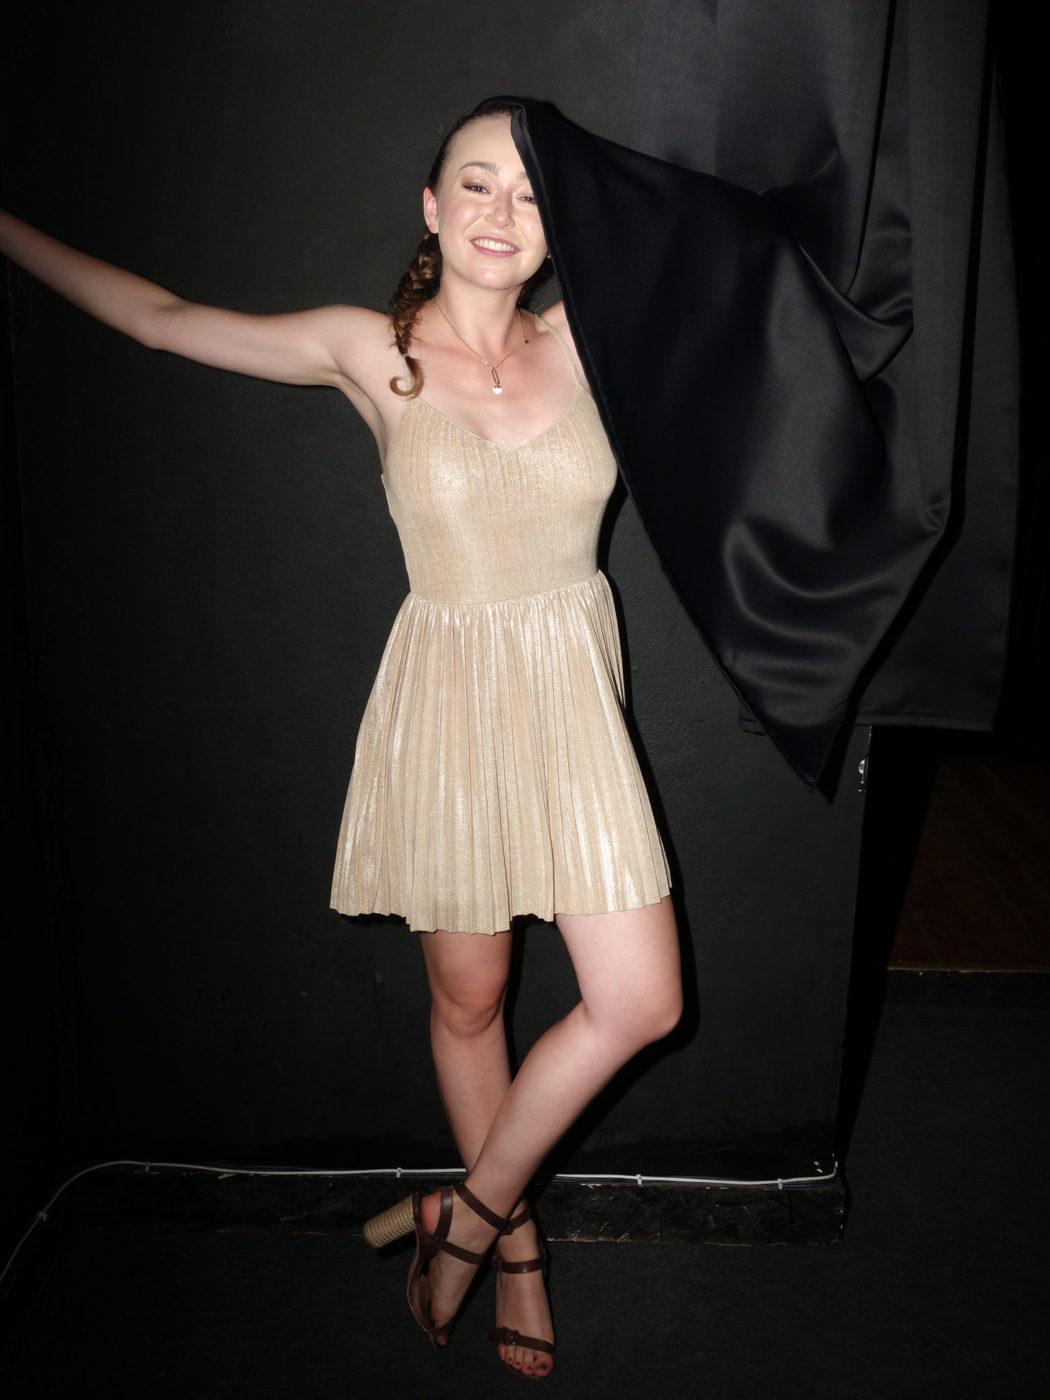 dziewczyna w połyskującej sukience